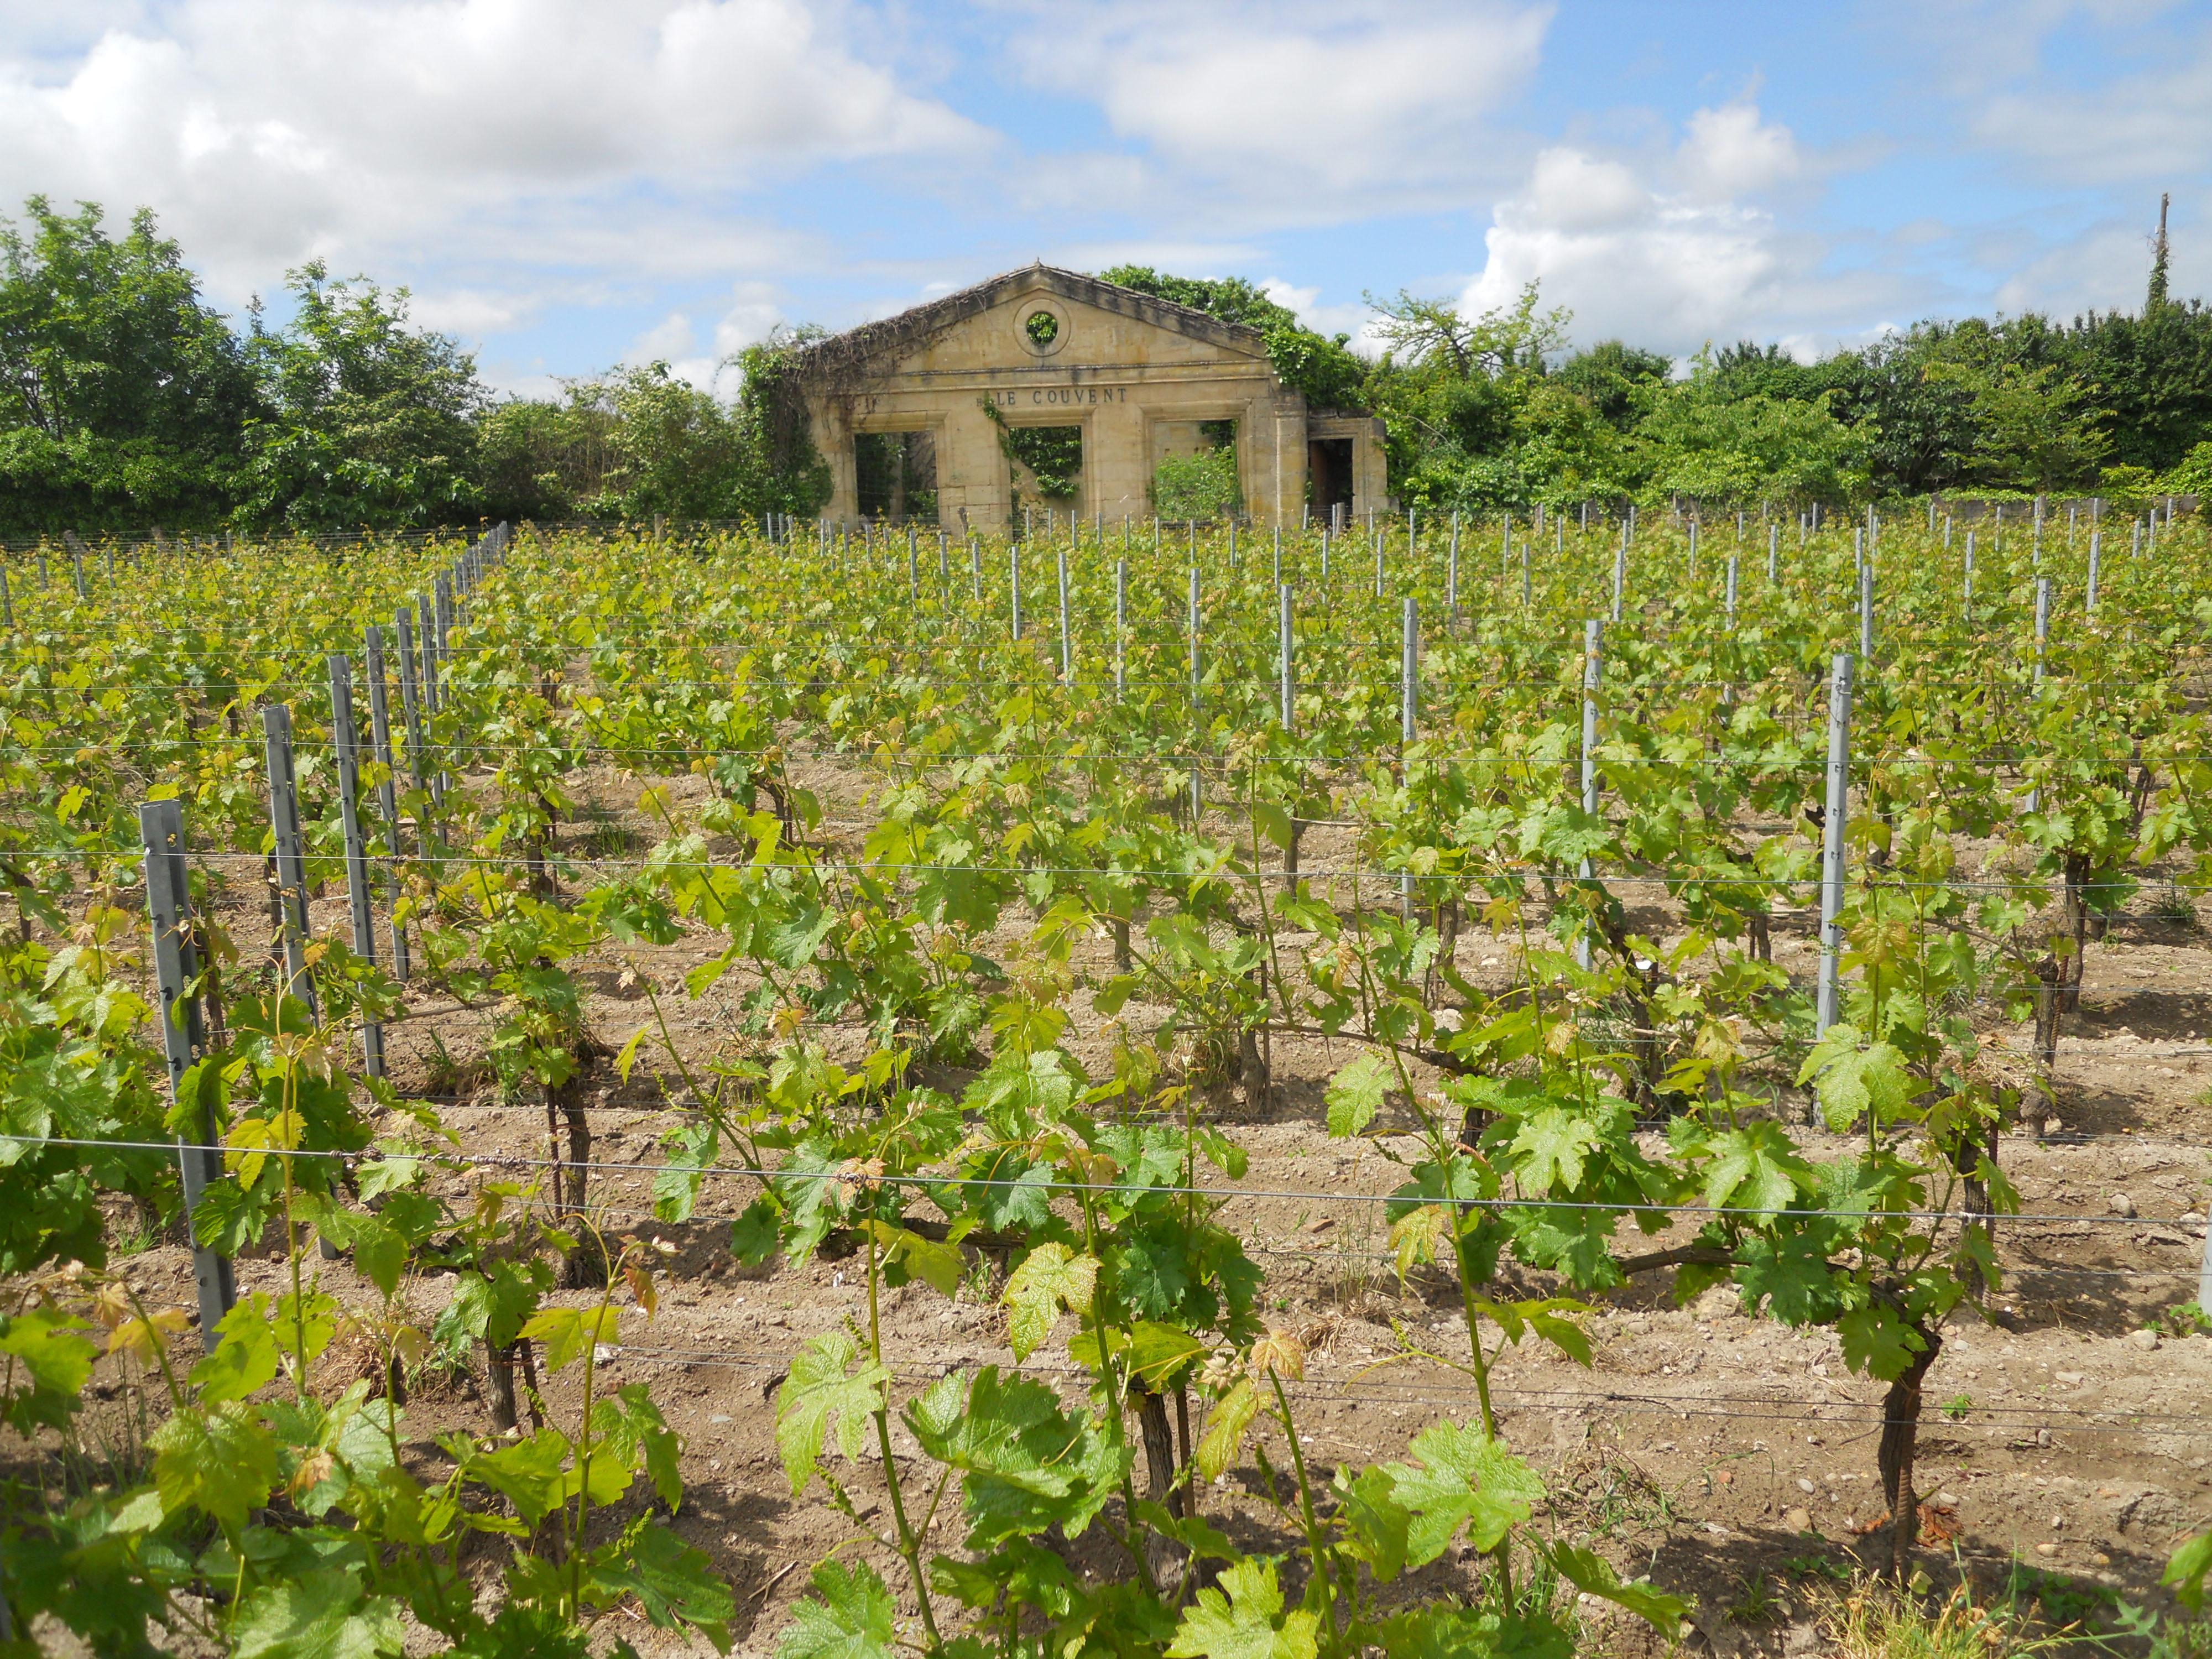 4 дні у Бордо: з вином і без вини 4 дні у Бордо: з вином і без вини sen emiljon1